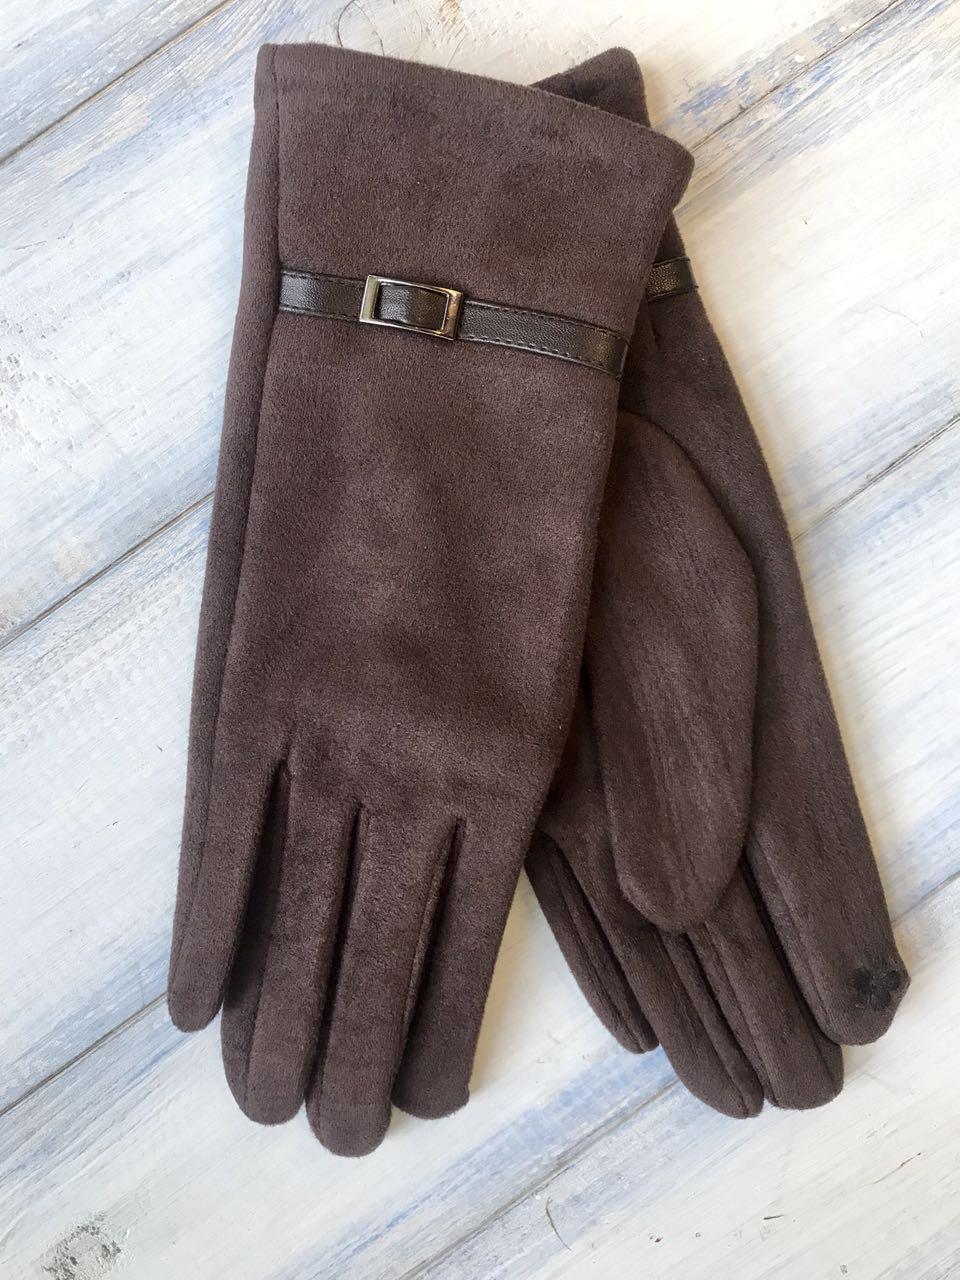 Женские замшевые СЕНСОРНЫЕ перчатки Большие